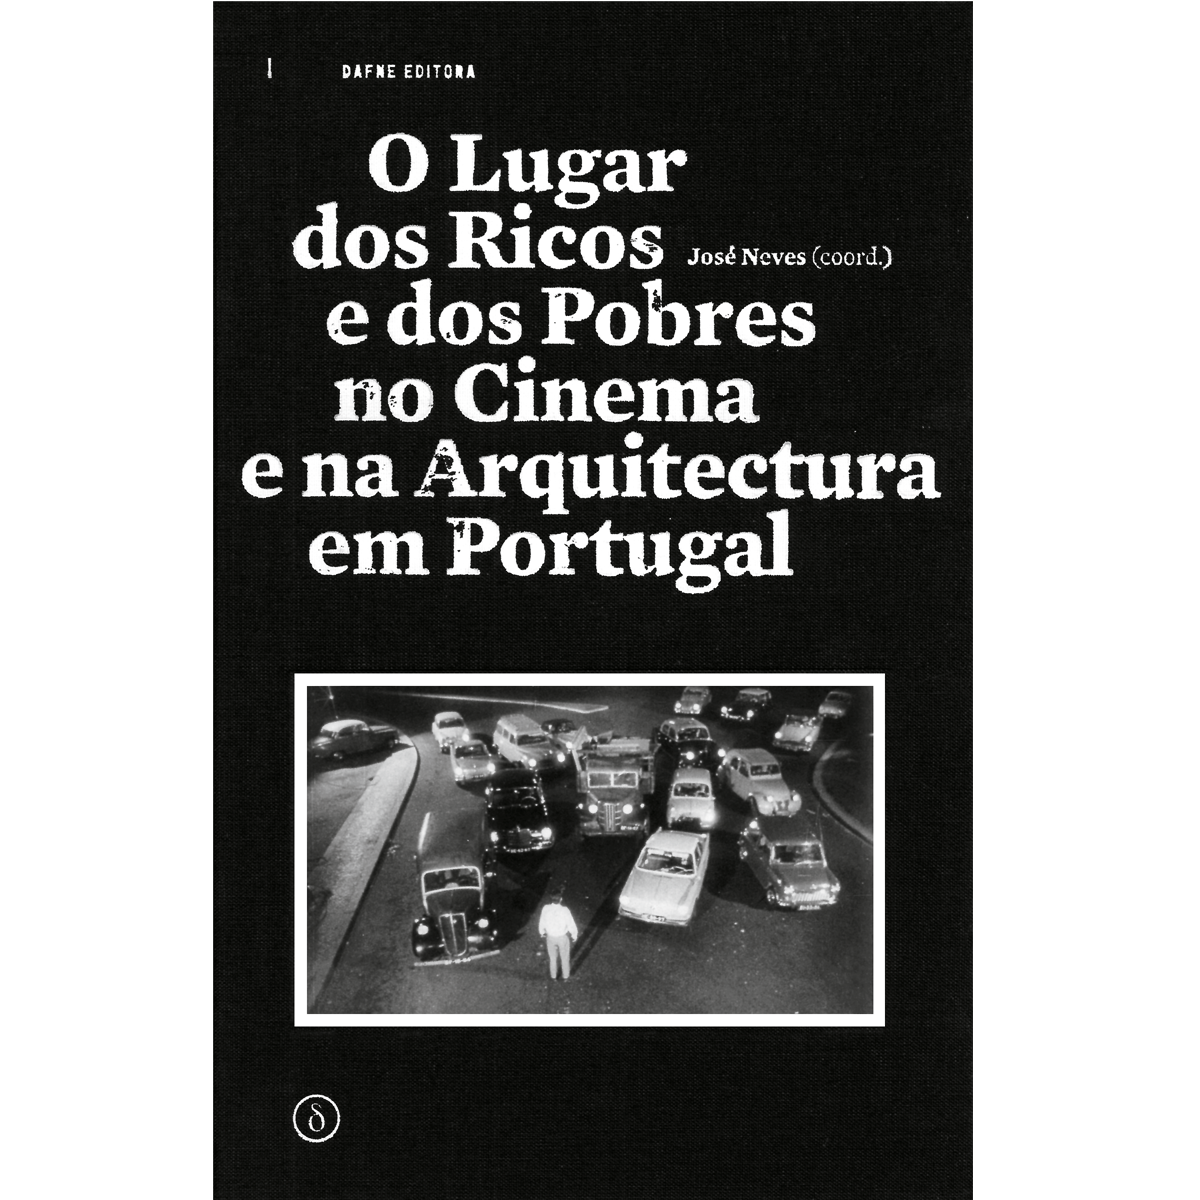 O Lugar dos Ricos e dos Pobres no Cinema e na Arquitectura em Portugal